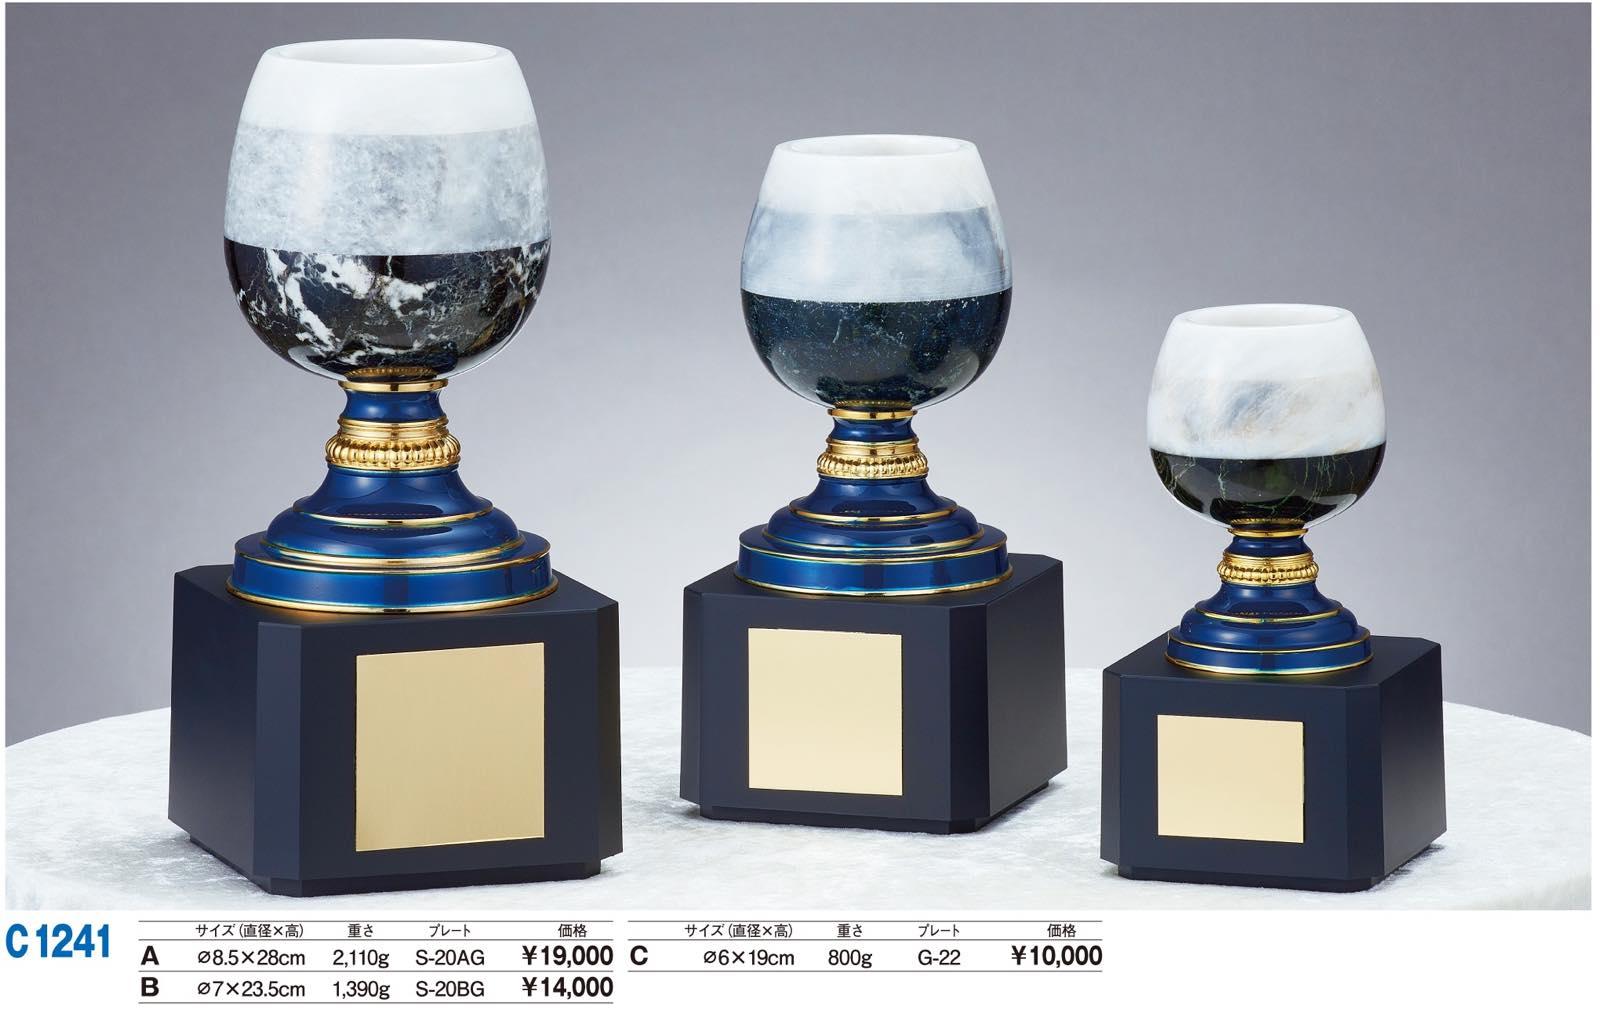 オニックスカップ C1241A/S-20AG